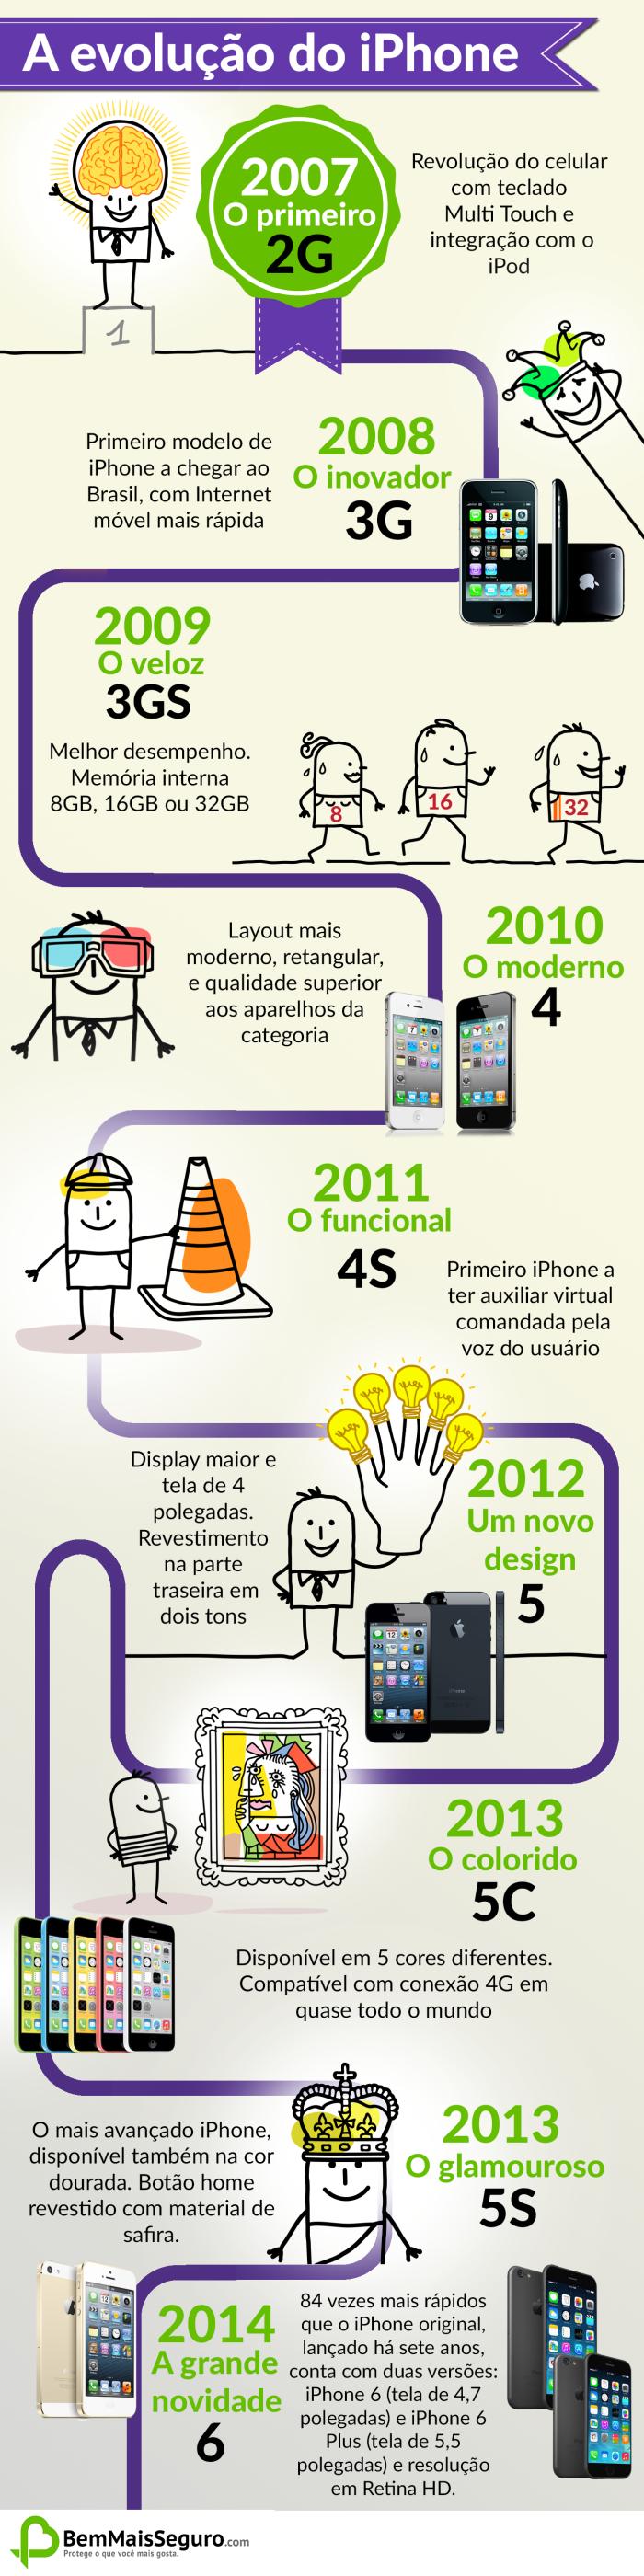 Evolução do iPhone